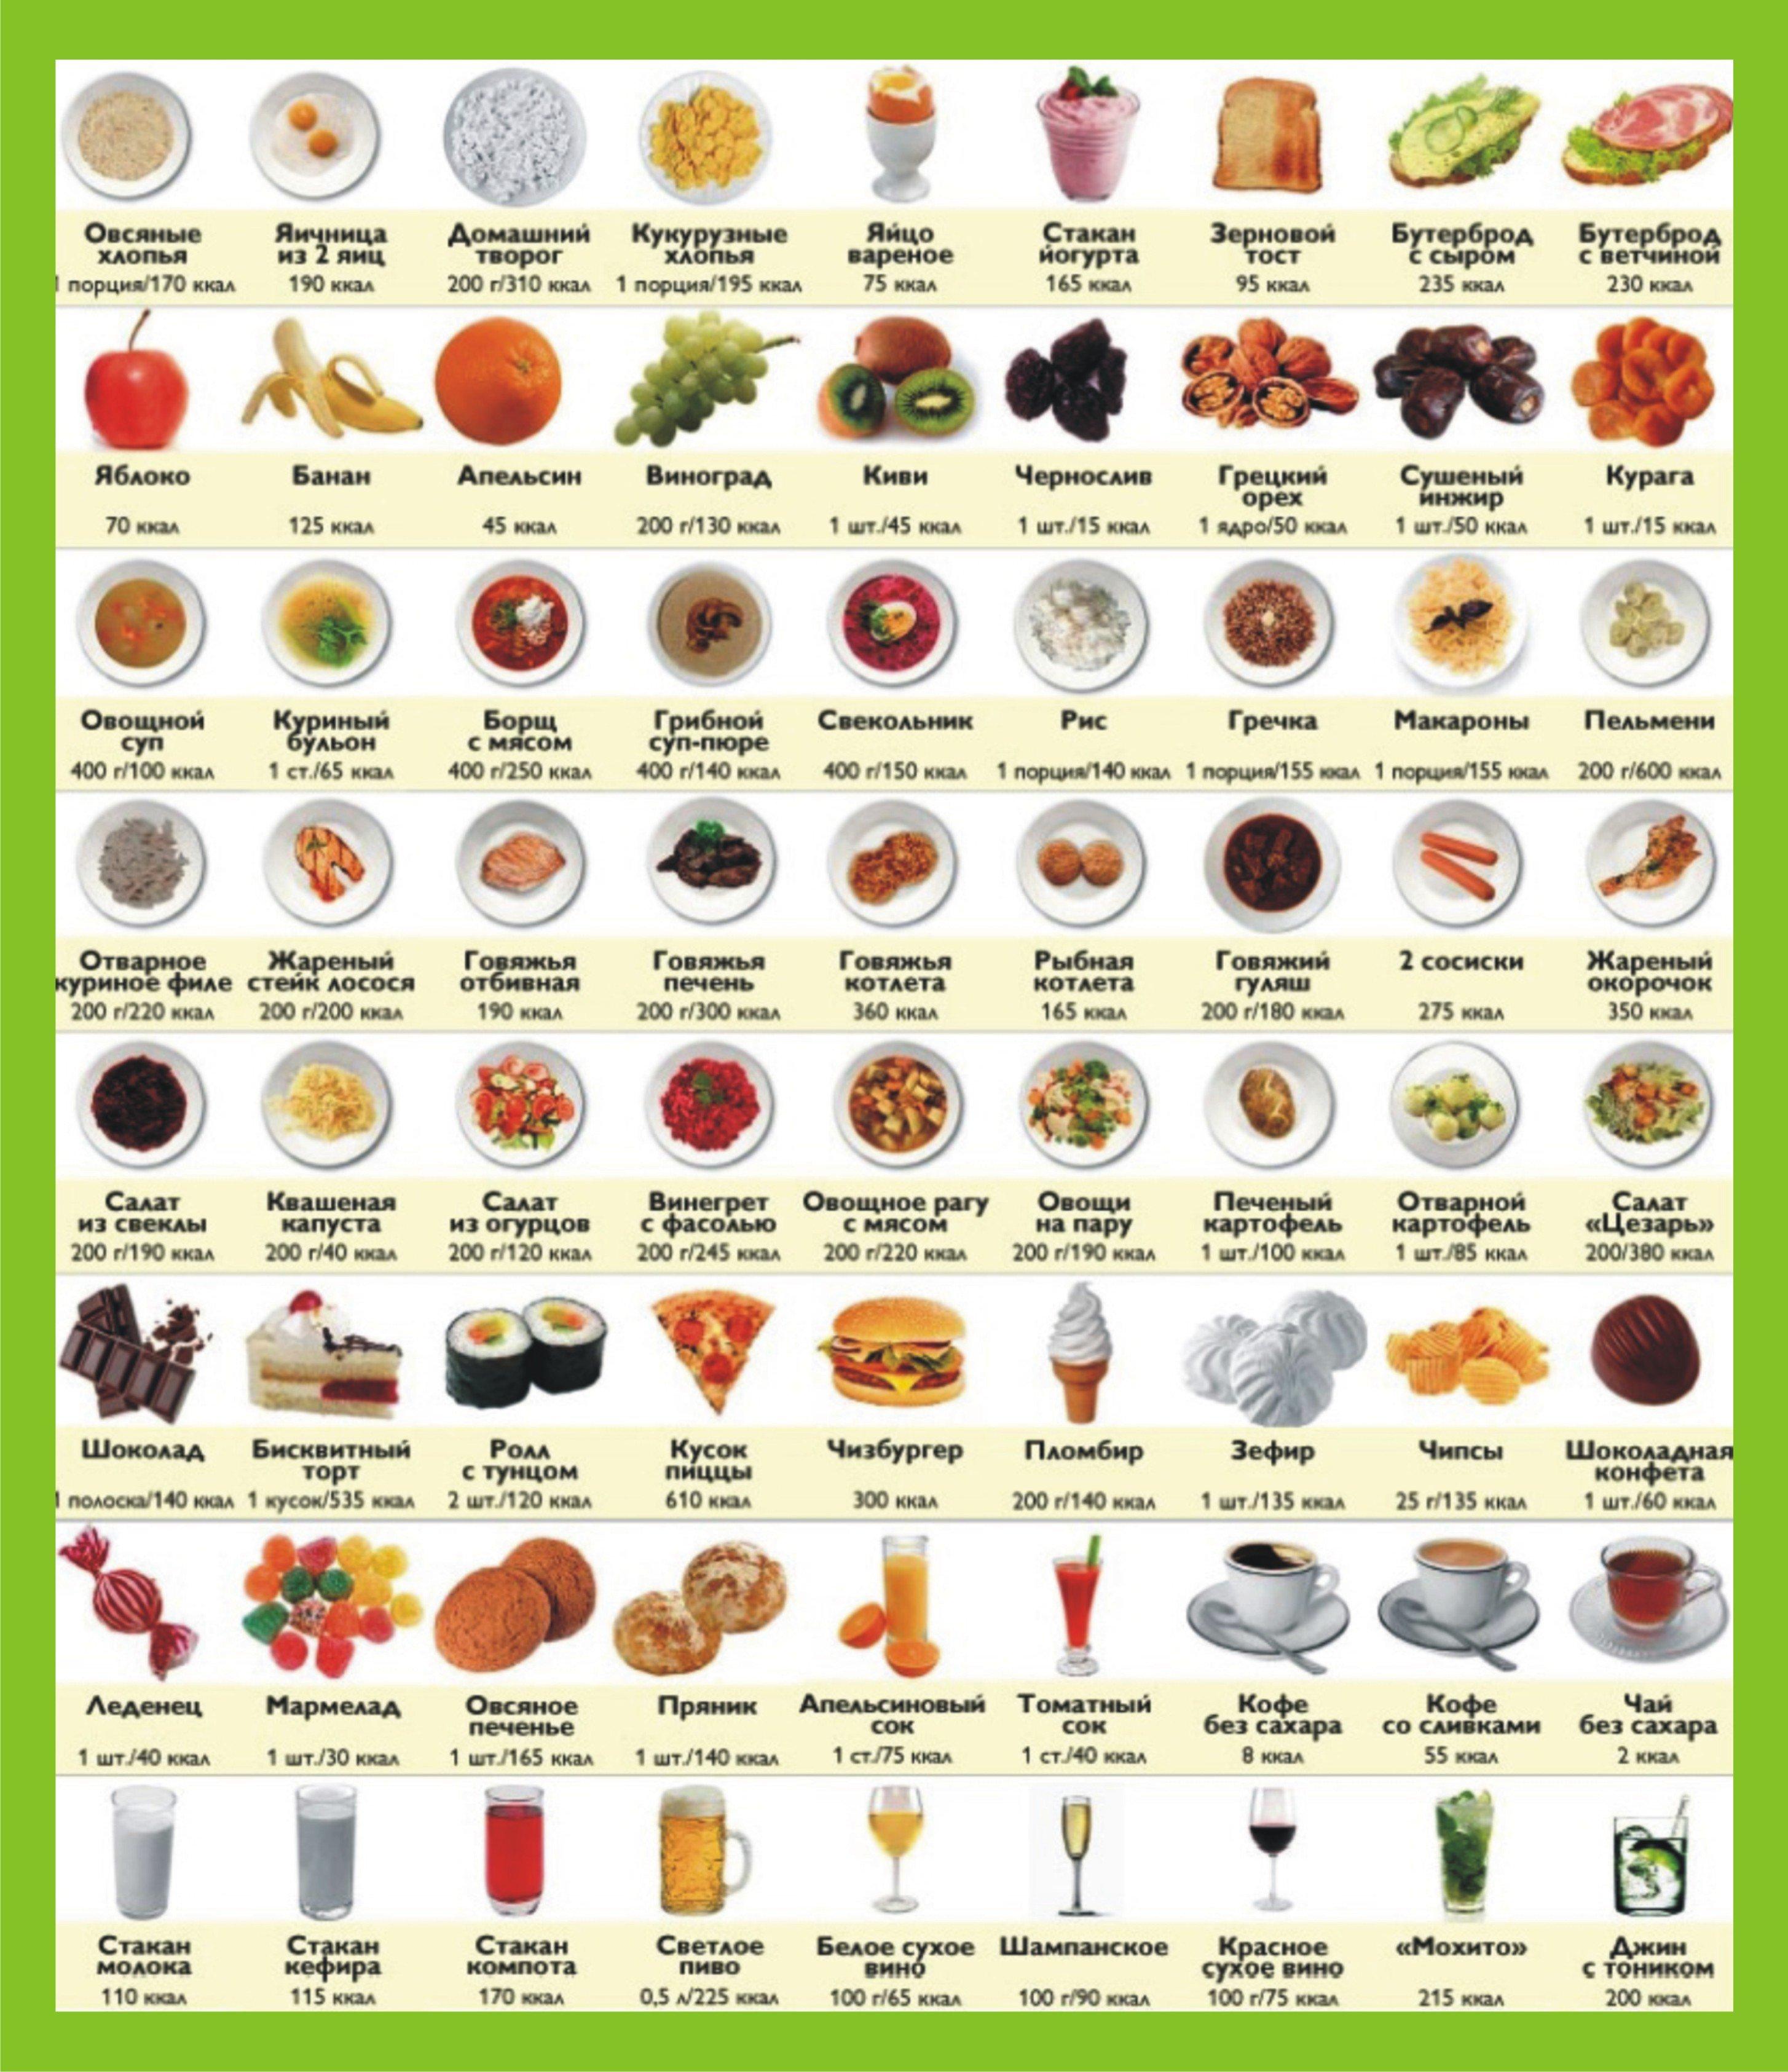 http://zhdumalisha.ru/wp-content/uploads/2015/08/tablica-kalorijnosti-v-kartinkah.jpg